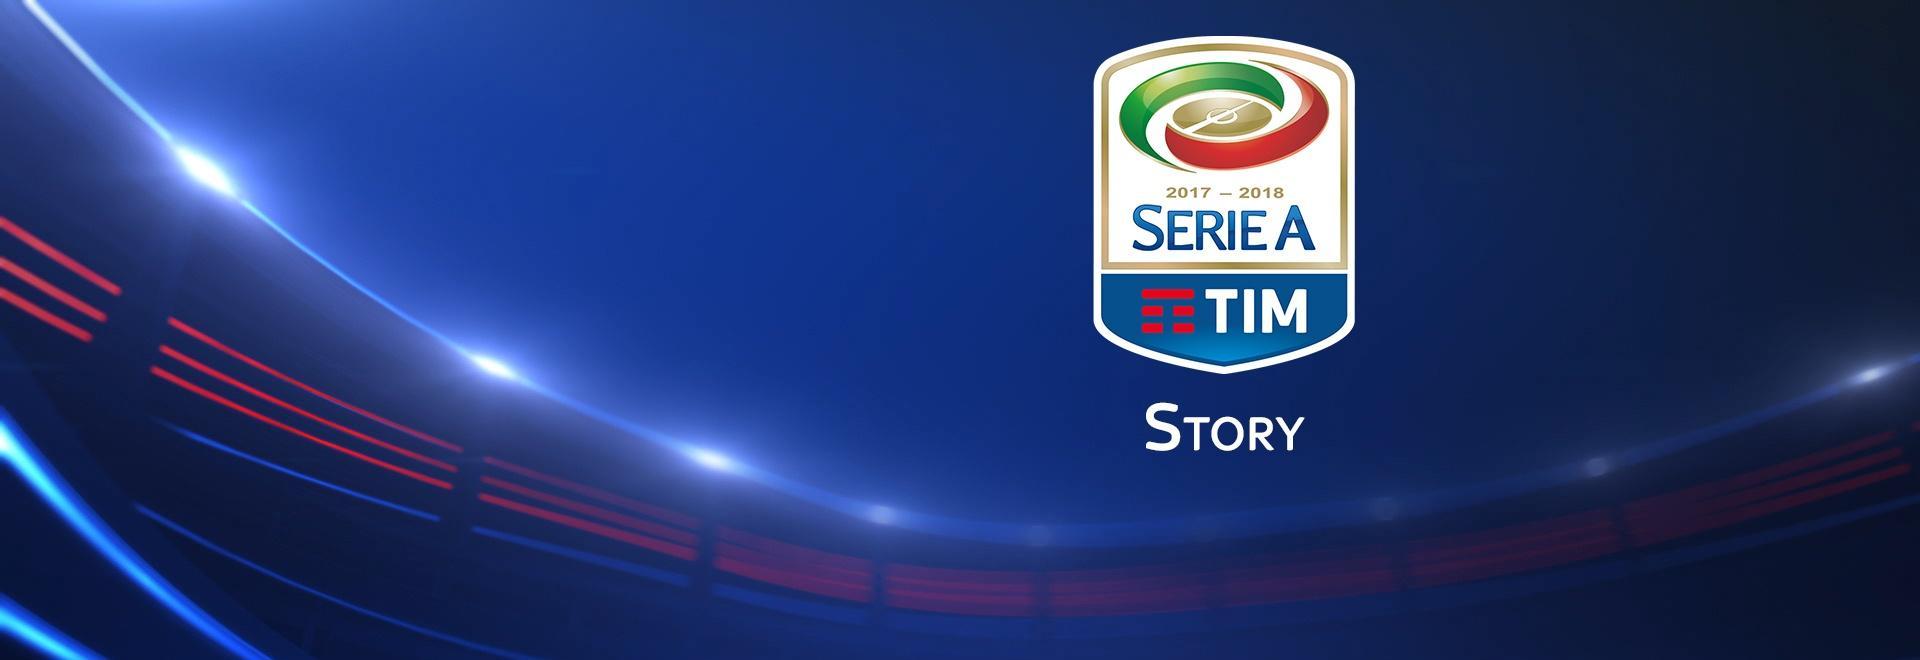 Roma - Lazio 18/11/17